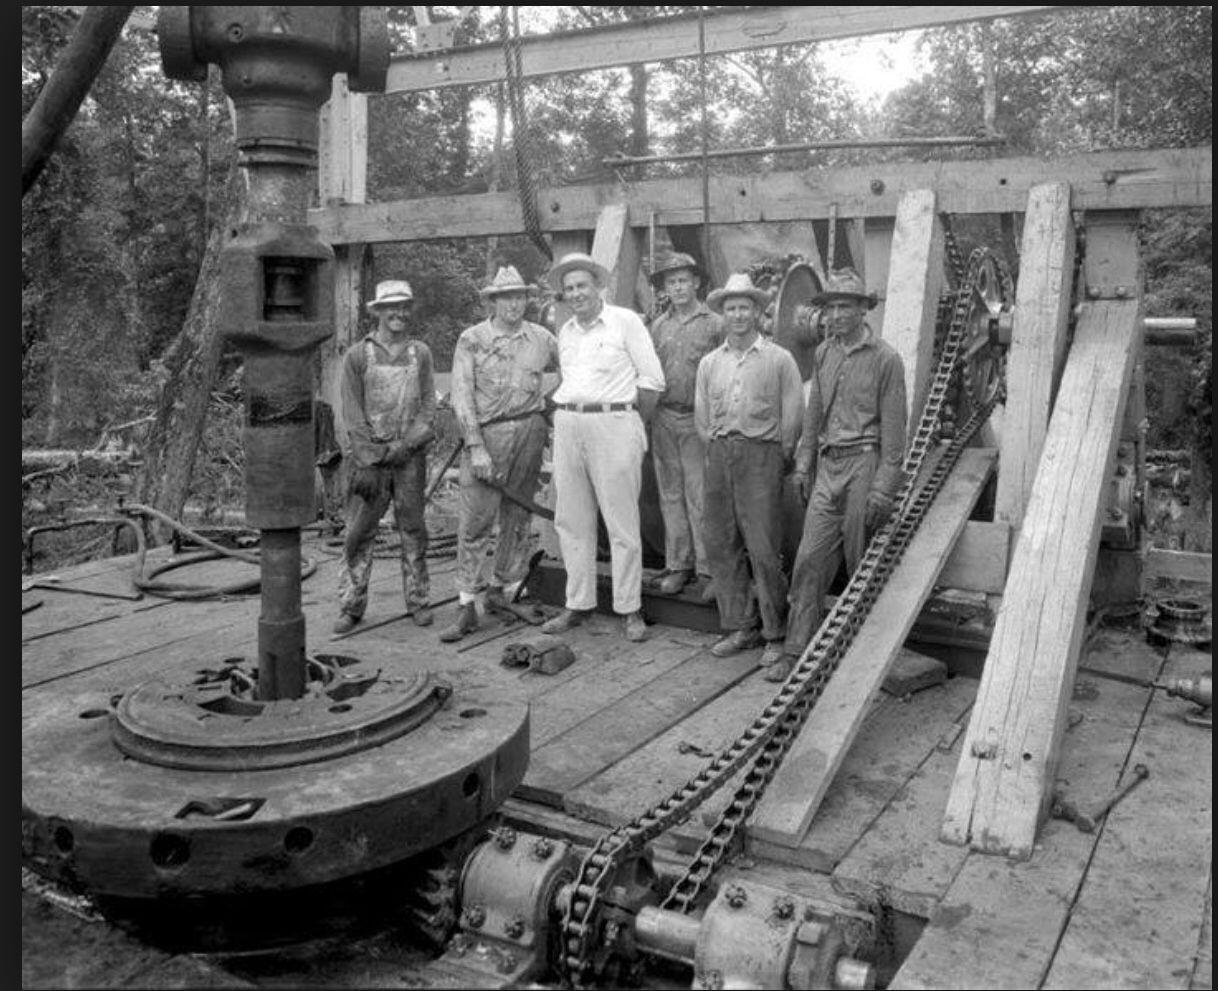 Old School Oilfield life, Oil platform, Oil rig